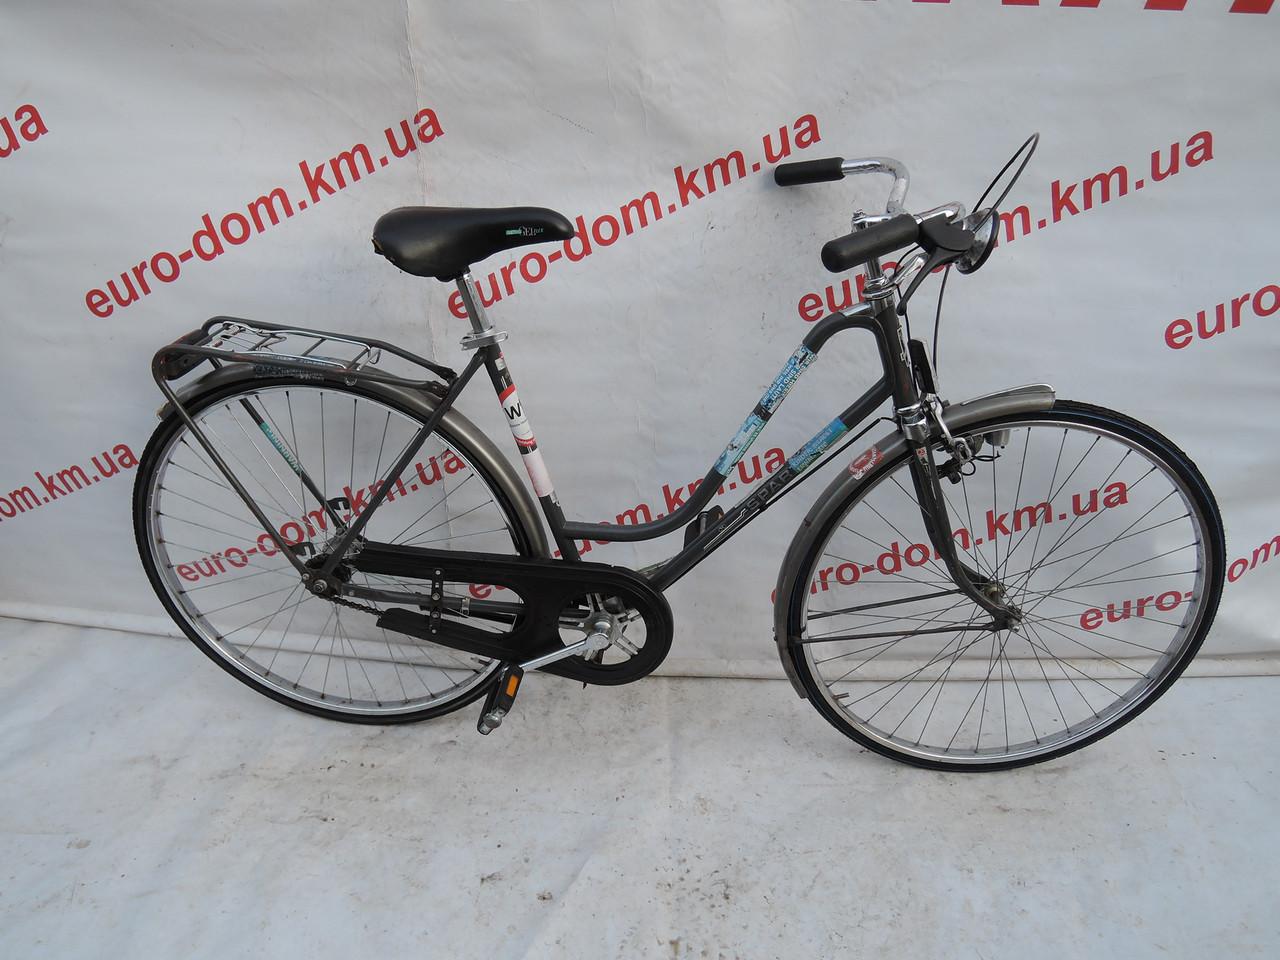 Городской велосипед Sparta 28 колеса. Простой классической велосипед